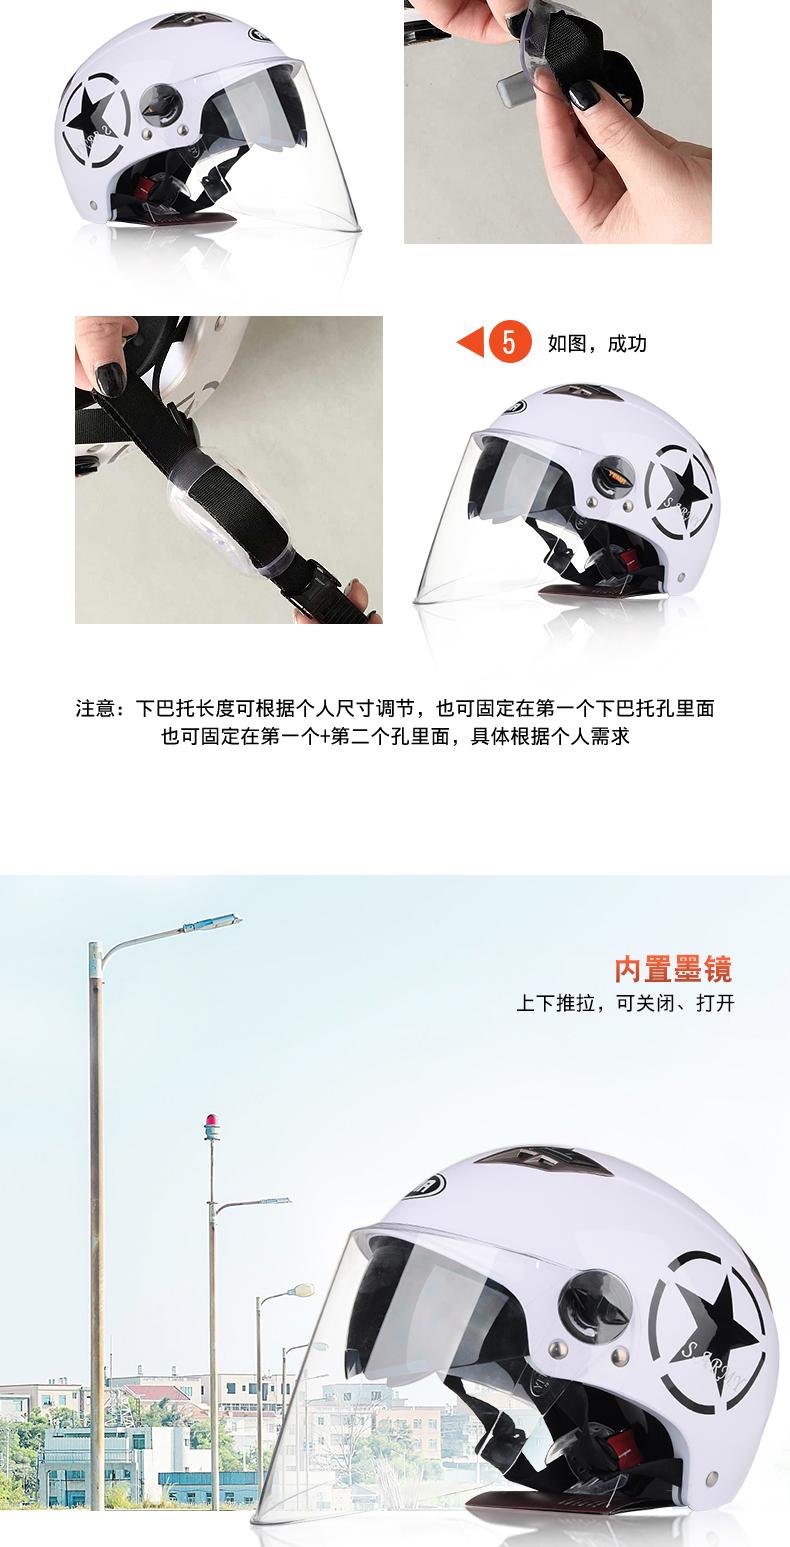 哈雷电动车头盔【网红爆款】厂家一手货源现货批发~!!